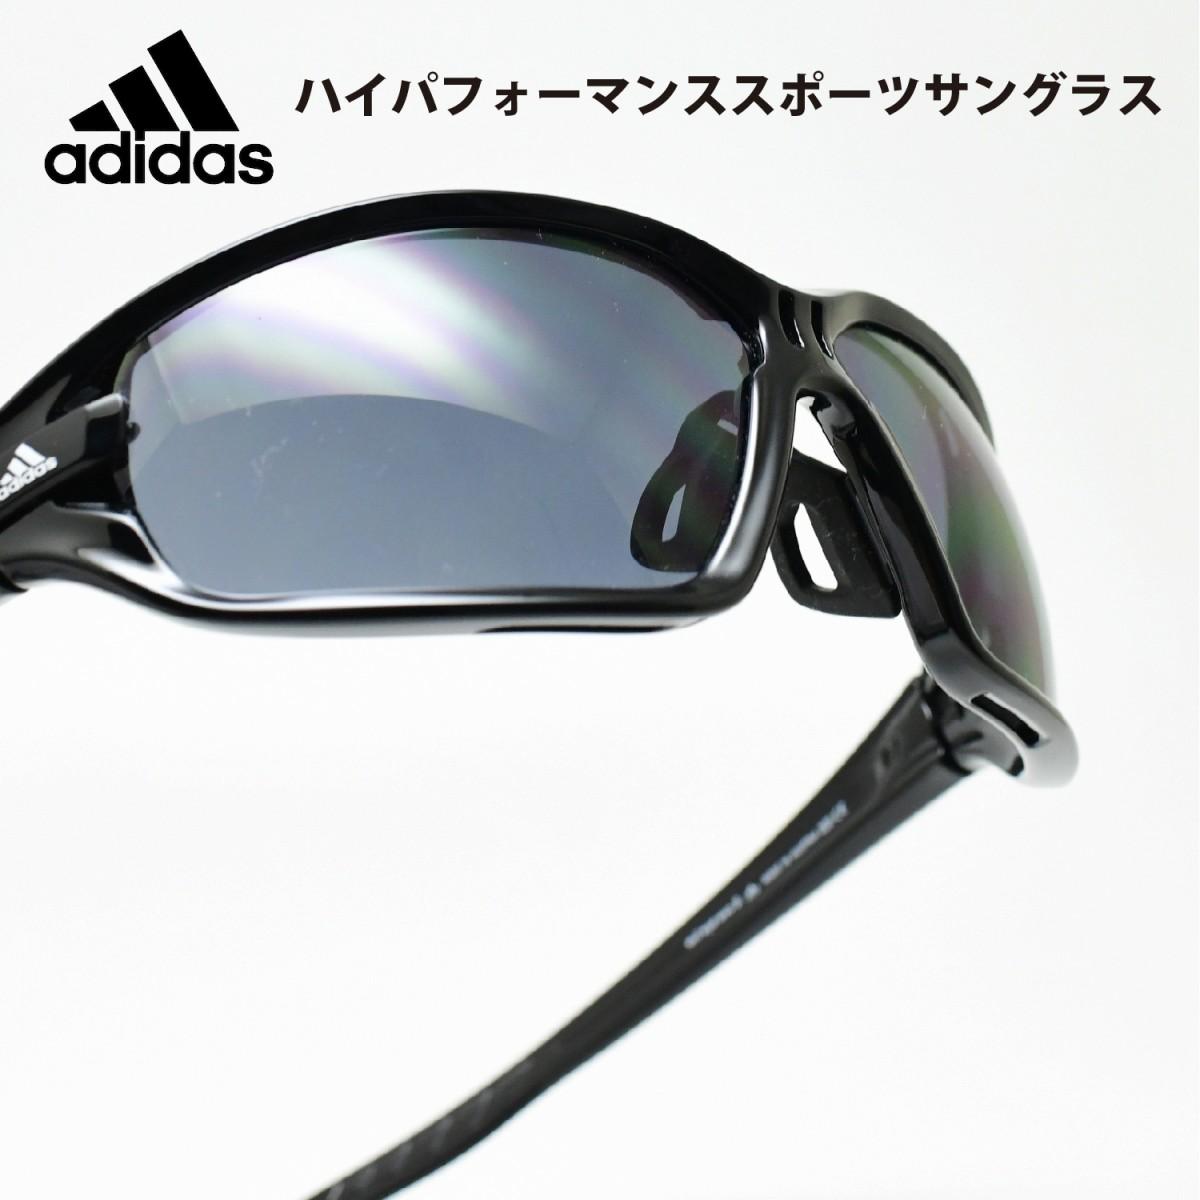 adidas アディダスevileye evo S イービルアイ エボ Sシャイニーブラック/グレーアウトレットSALE価格!!